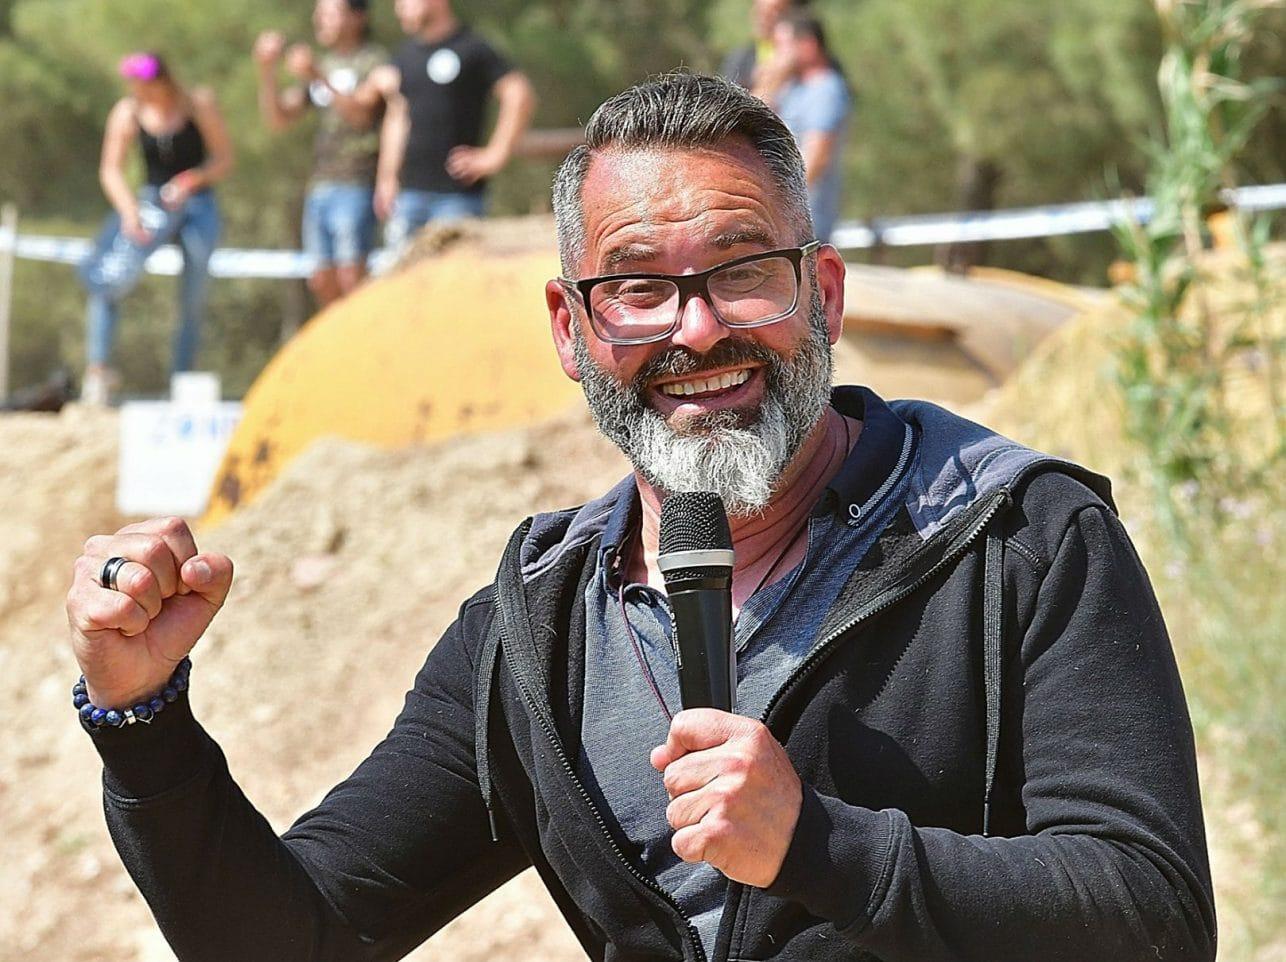 speaker sportif-événements sportifs-Sébastien Galaup-commentateur